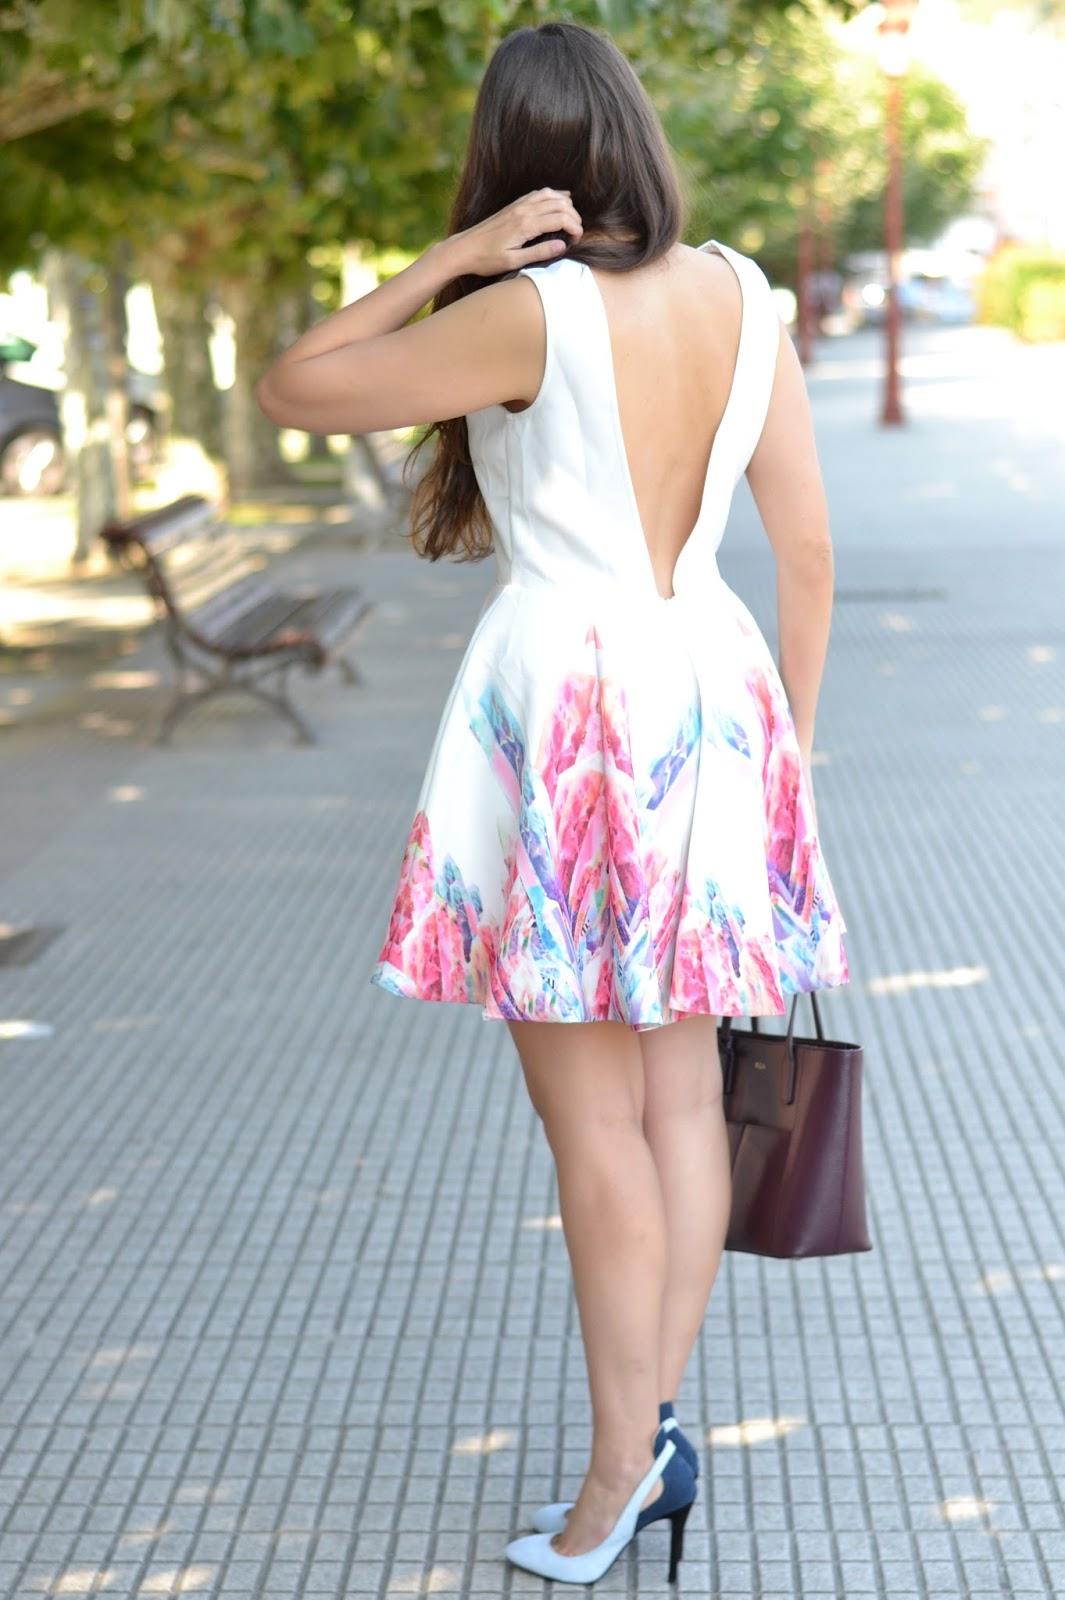 Vestido de sheinside con la espalda al aire